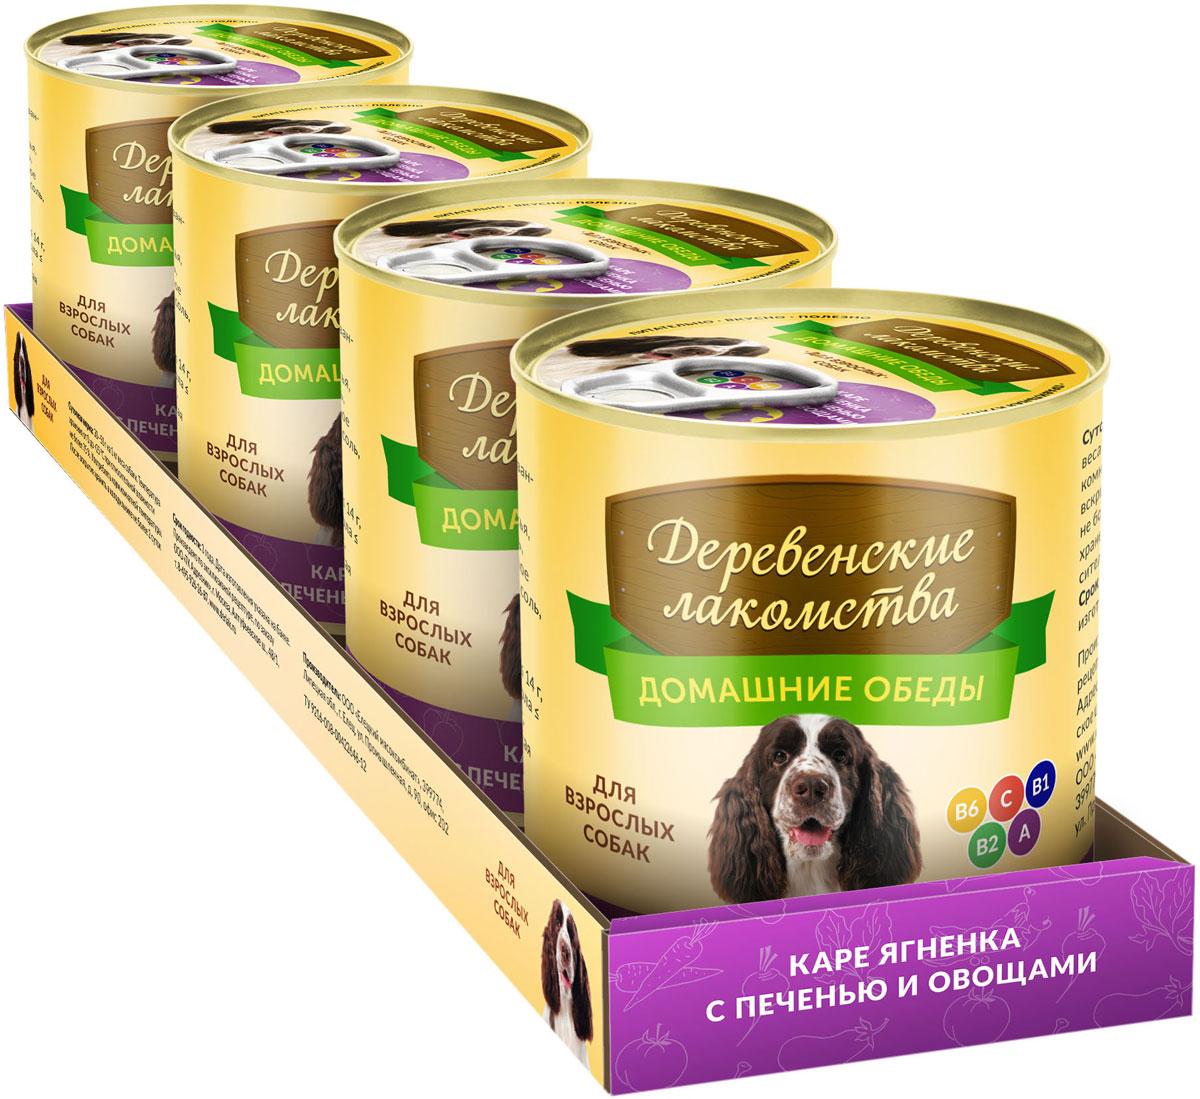 Консервы для собак Деревенские лакомства  Домашние обеды , каре ягненка с печенью и овощами, 240 г х 4 шт